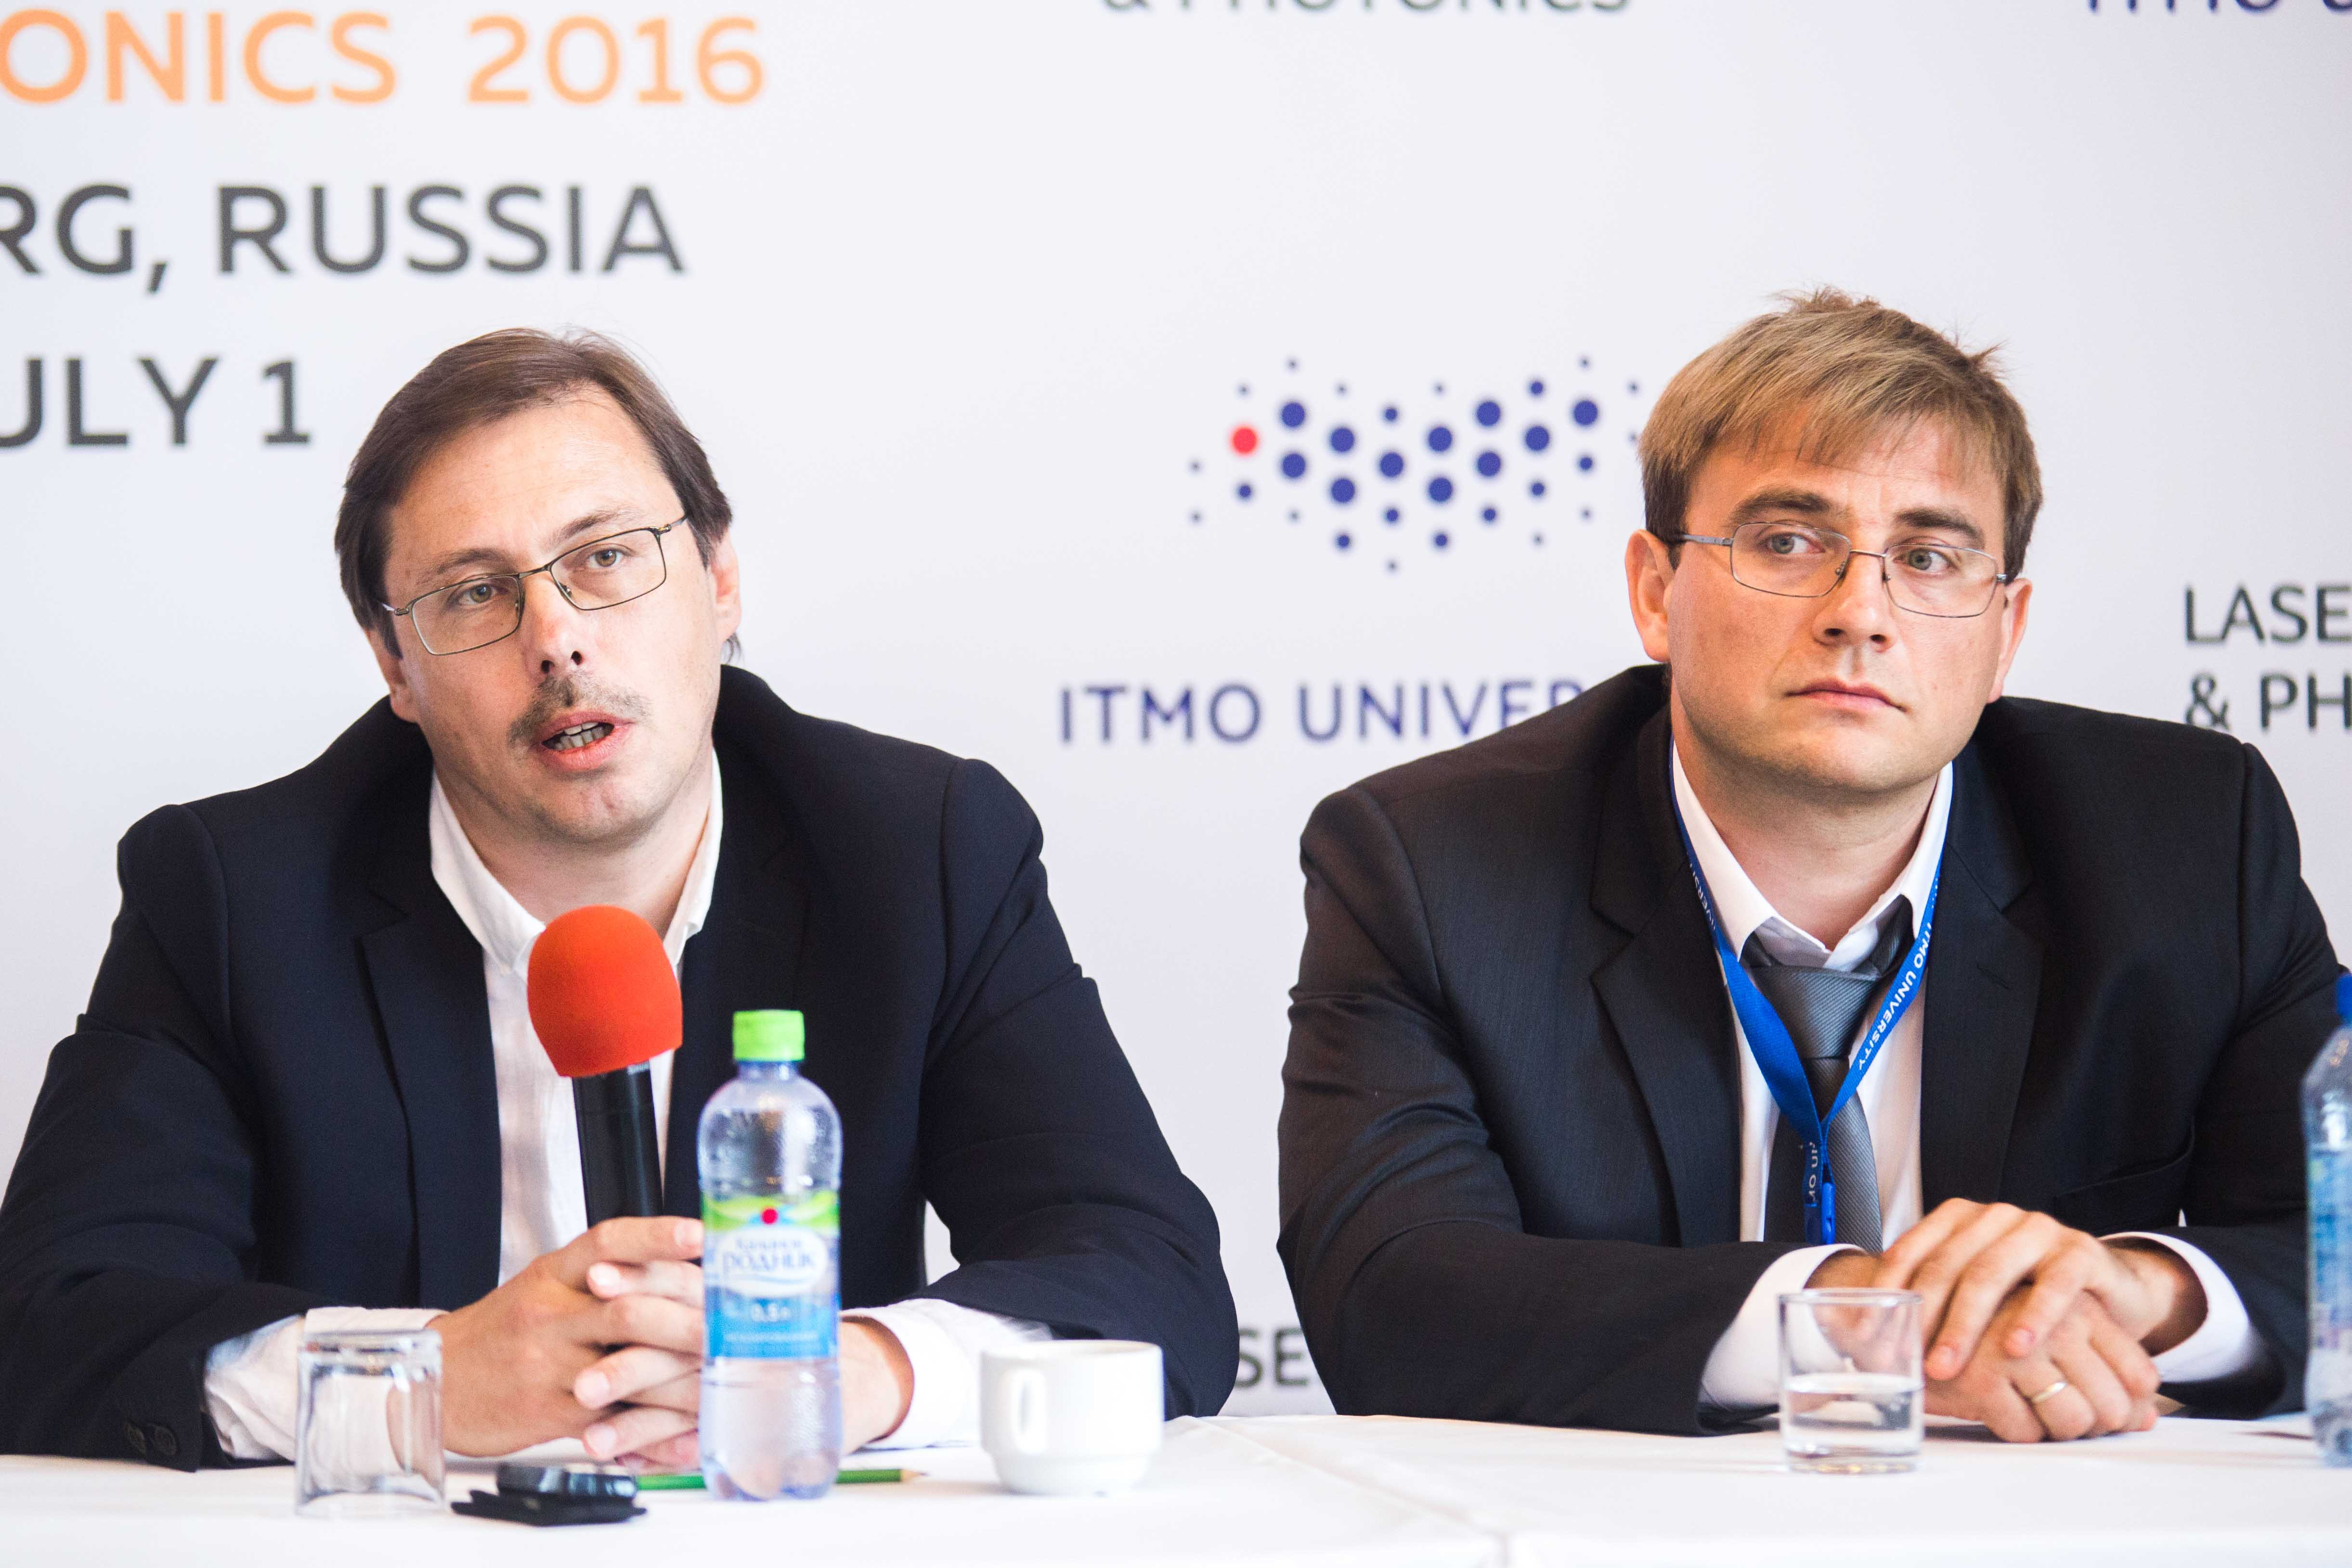 Университет ИТМО. Евгений Викторов и Павел Белов